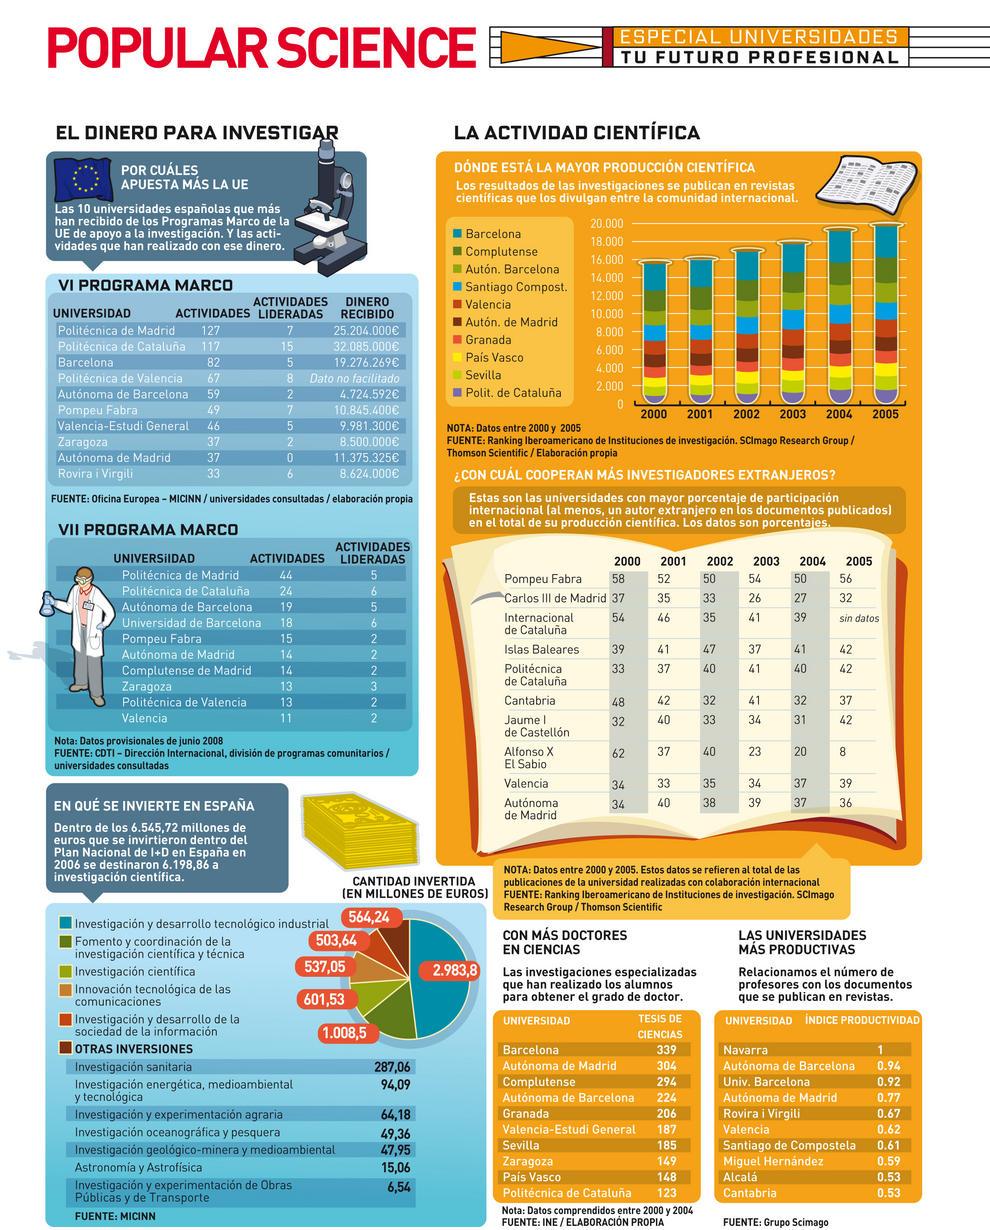 Las universidades de Madrid y Barcelona, líderes en producción científica (II)